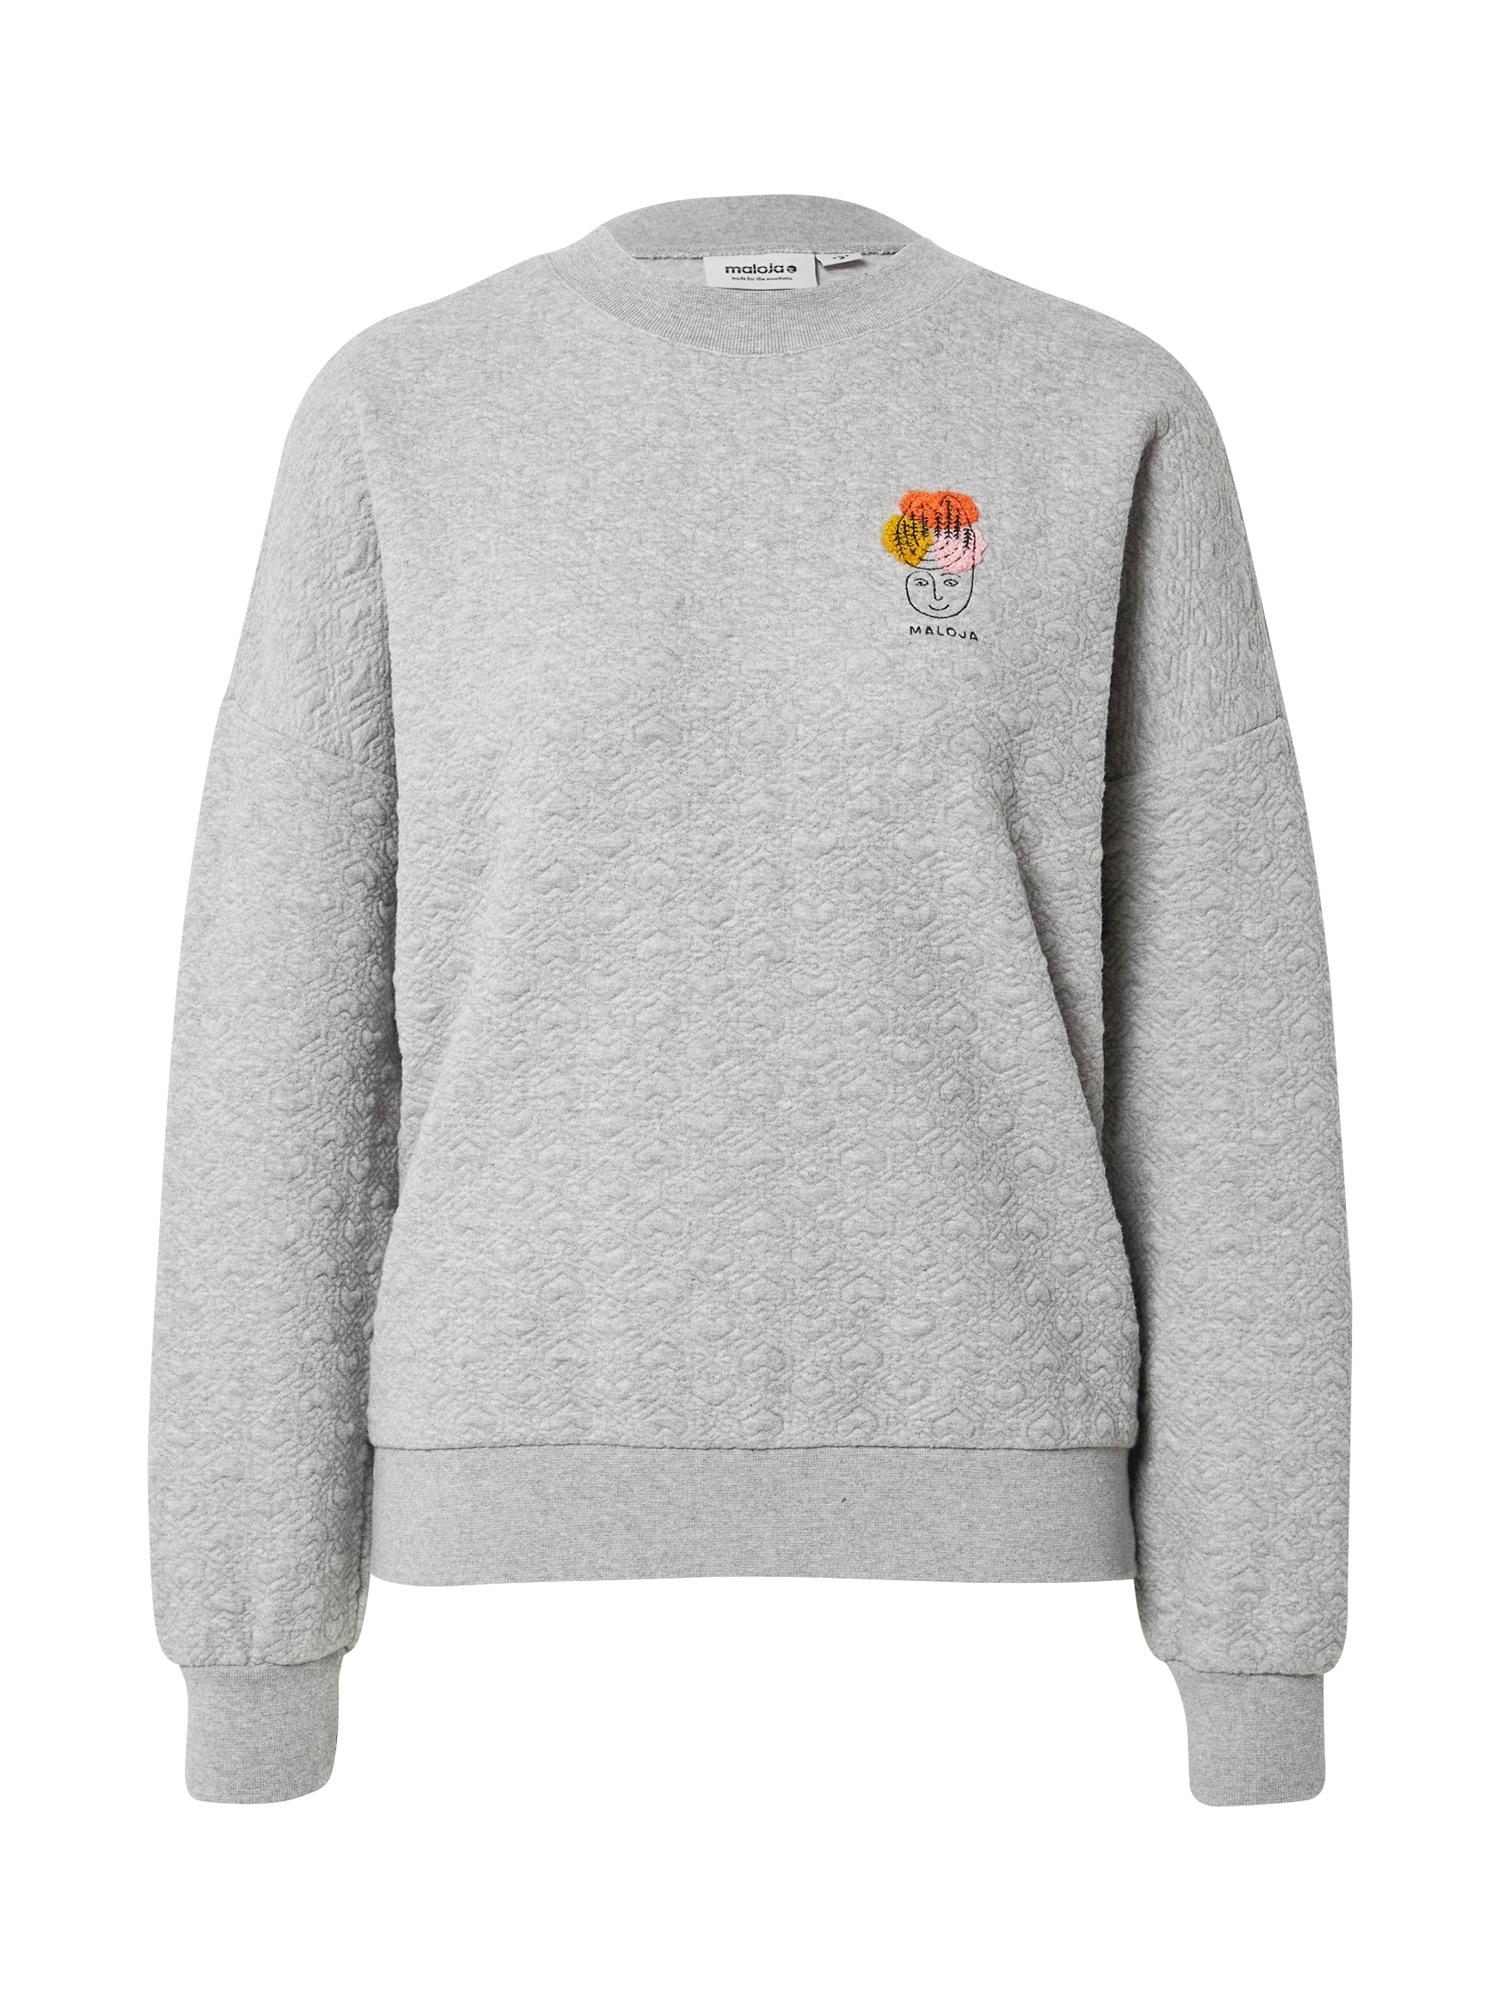 Maloja Sportinio tipo megztinis pilka